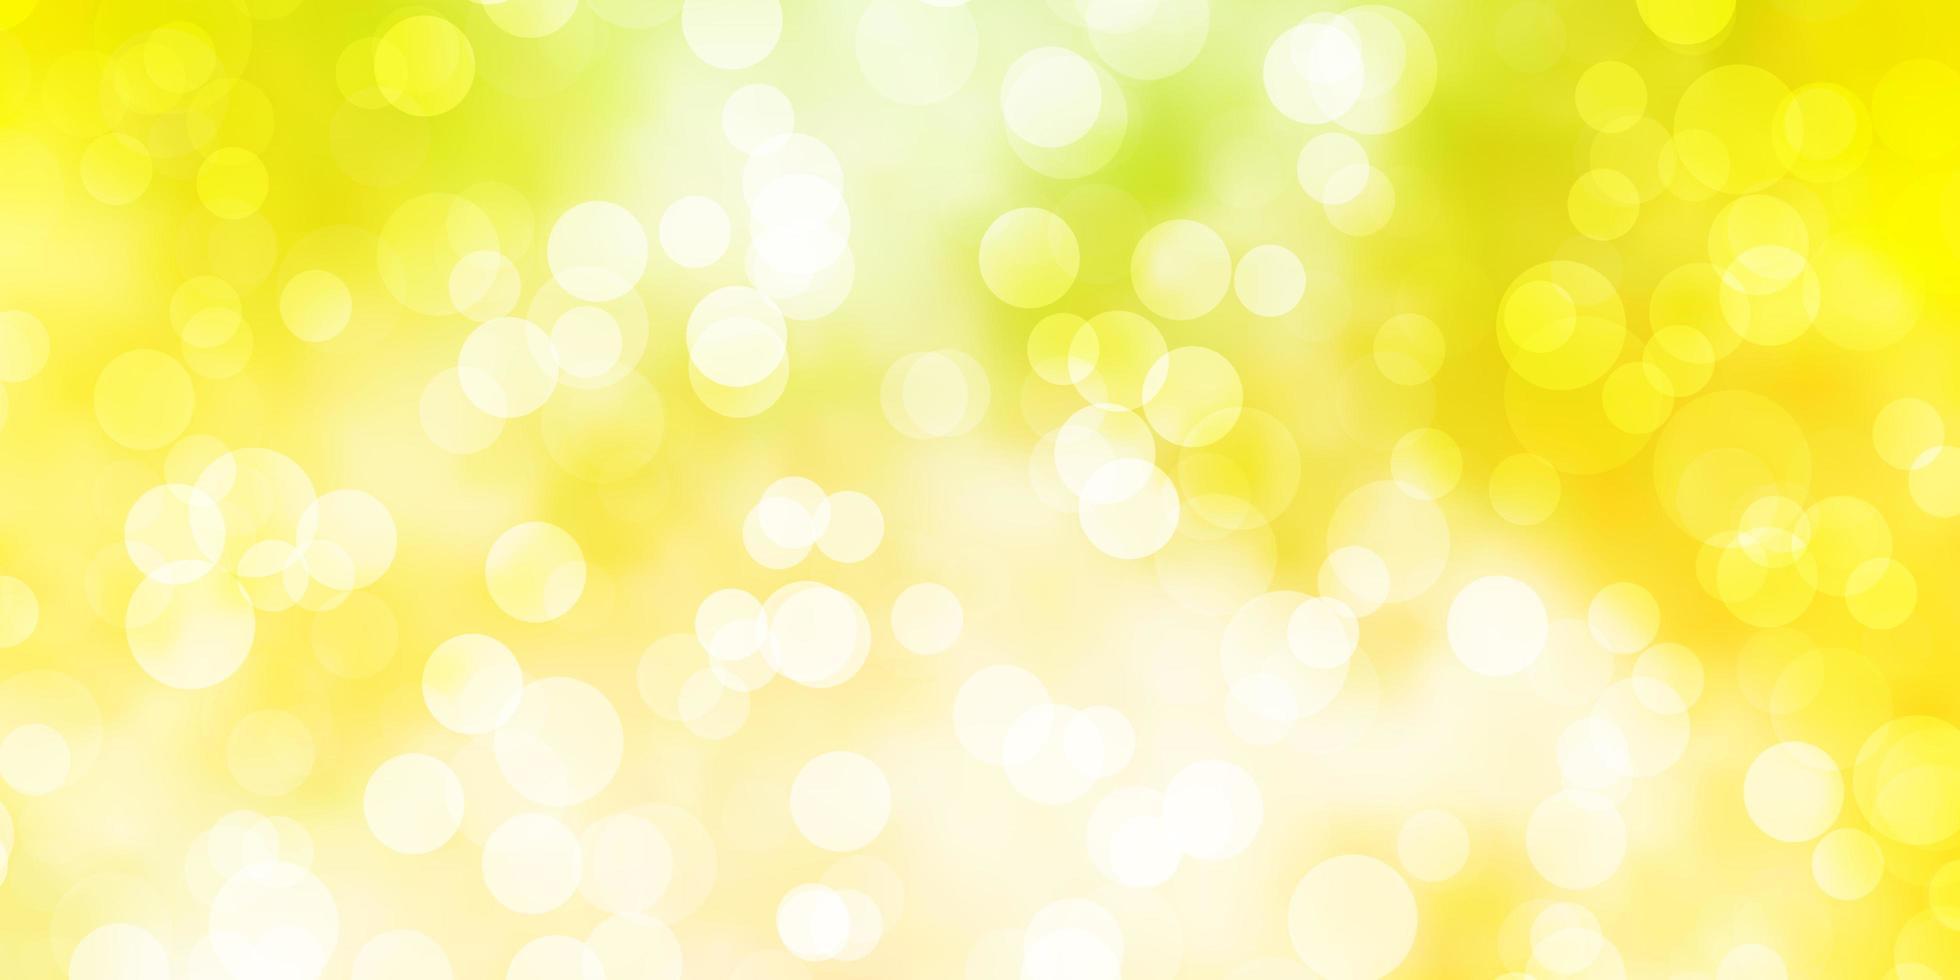 ljusgrönt, gult vektormönster med sfärer. vektor